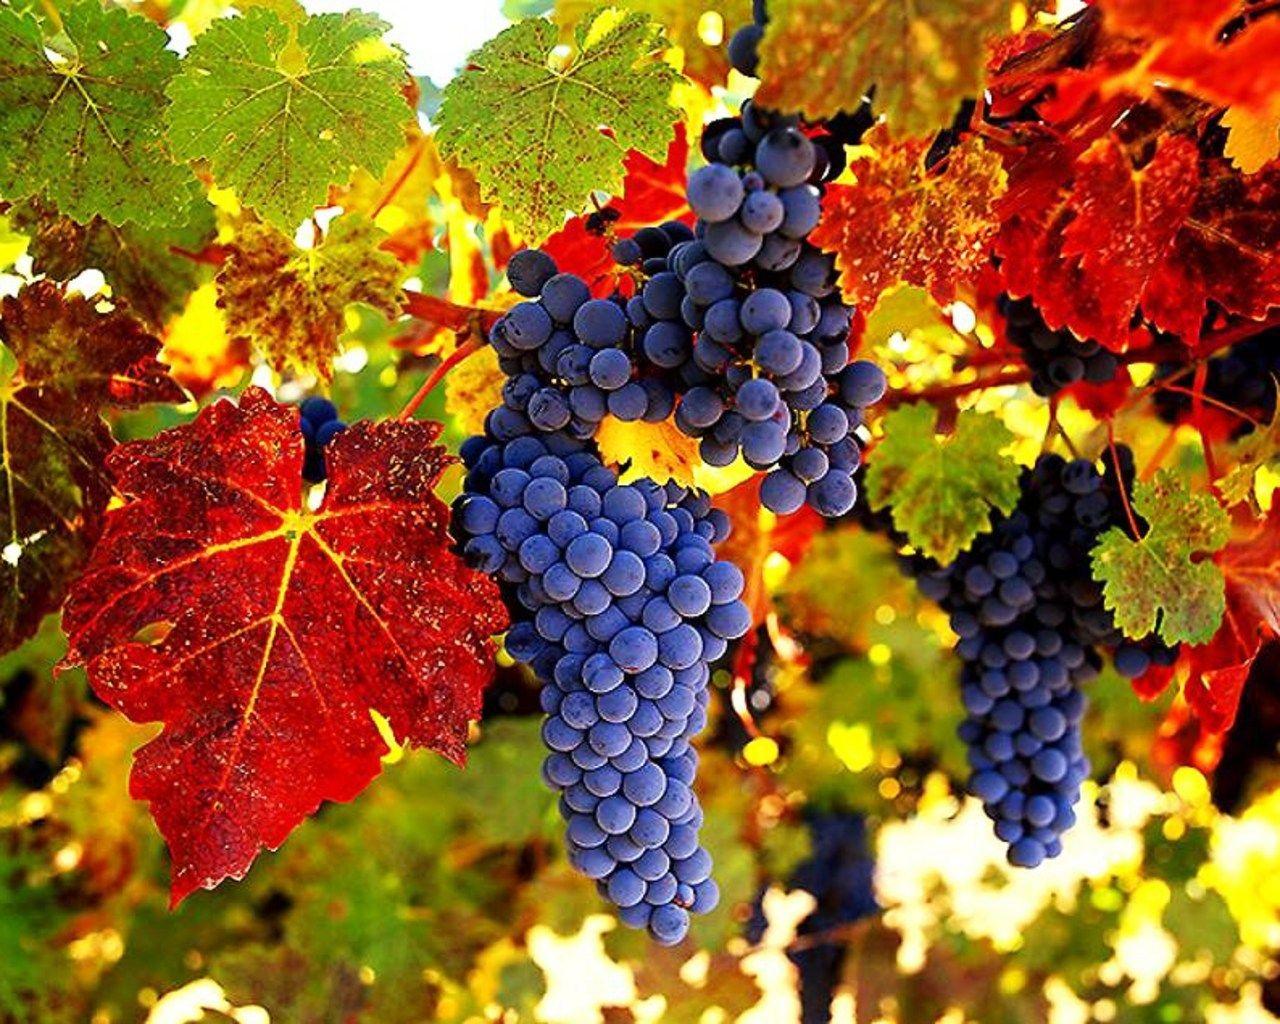 Zapiski Moich Stanow Marzec 2012 Grapes Organic Wine Grape Vines